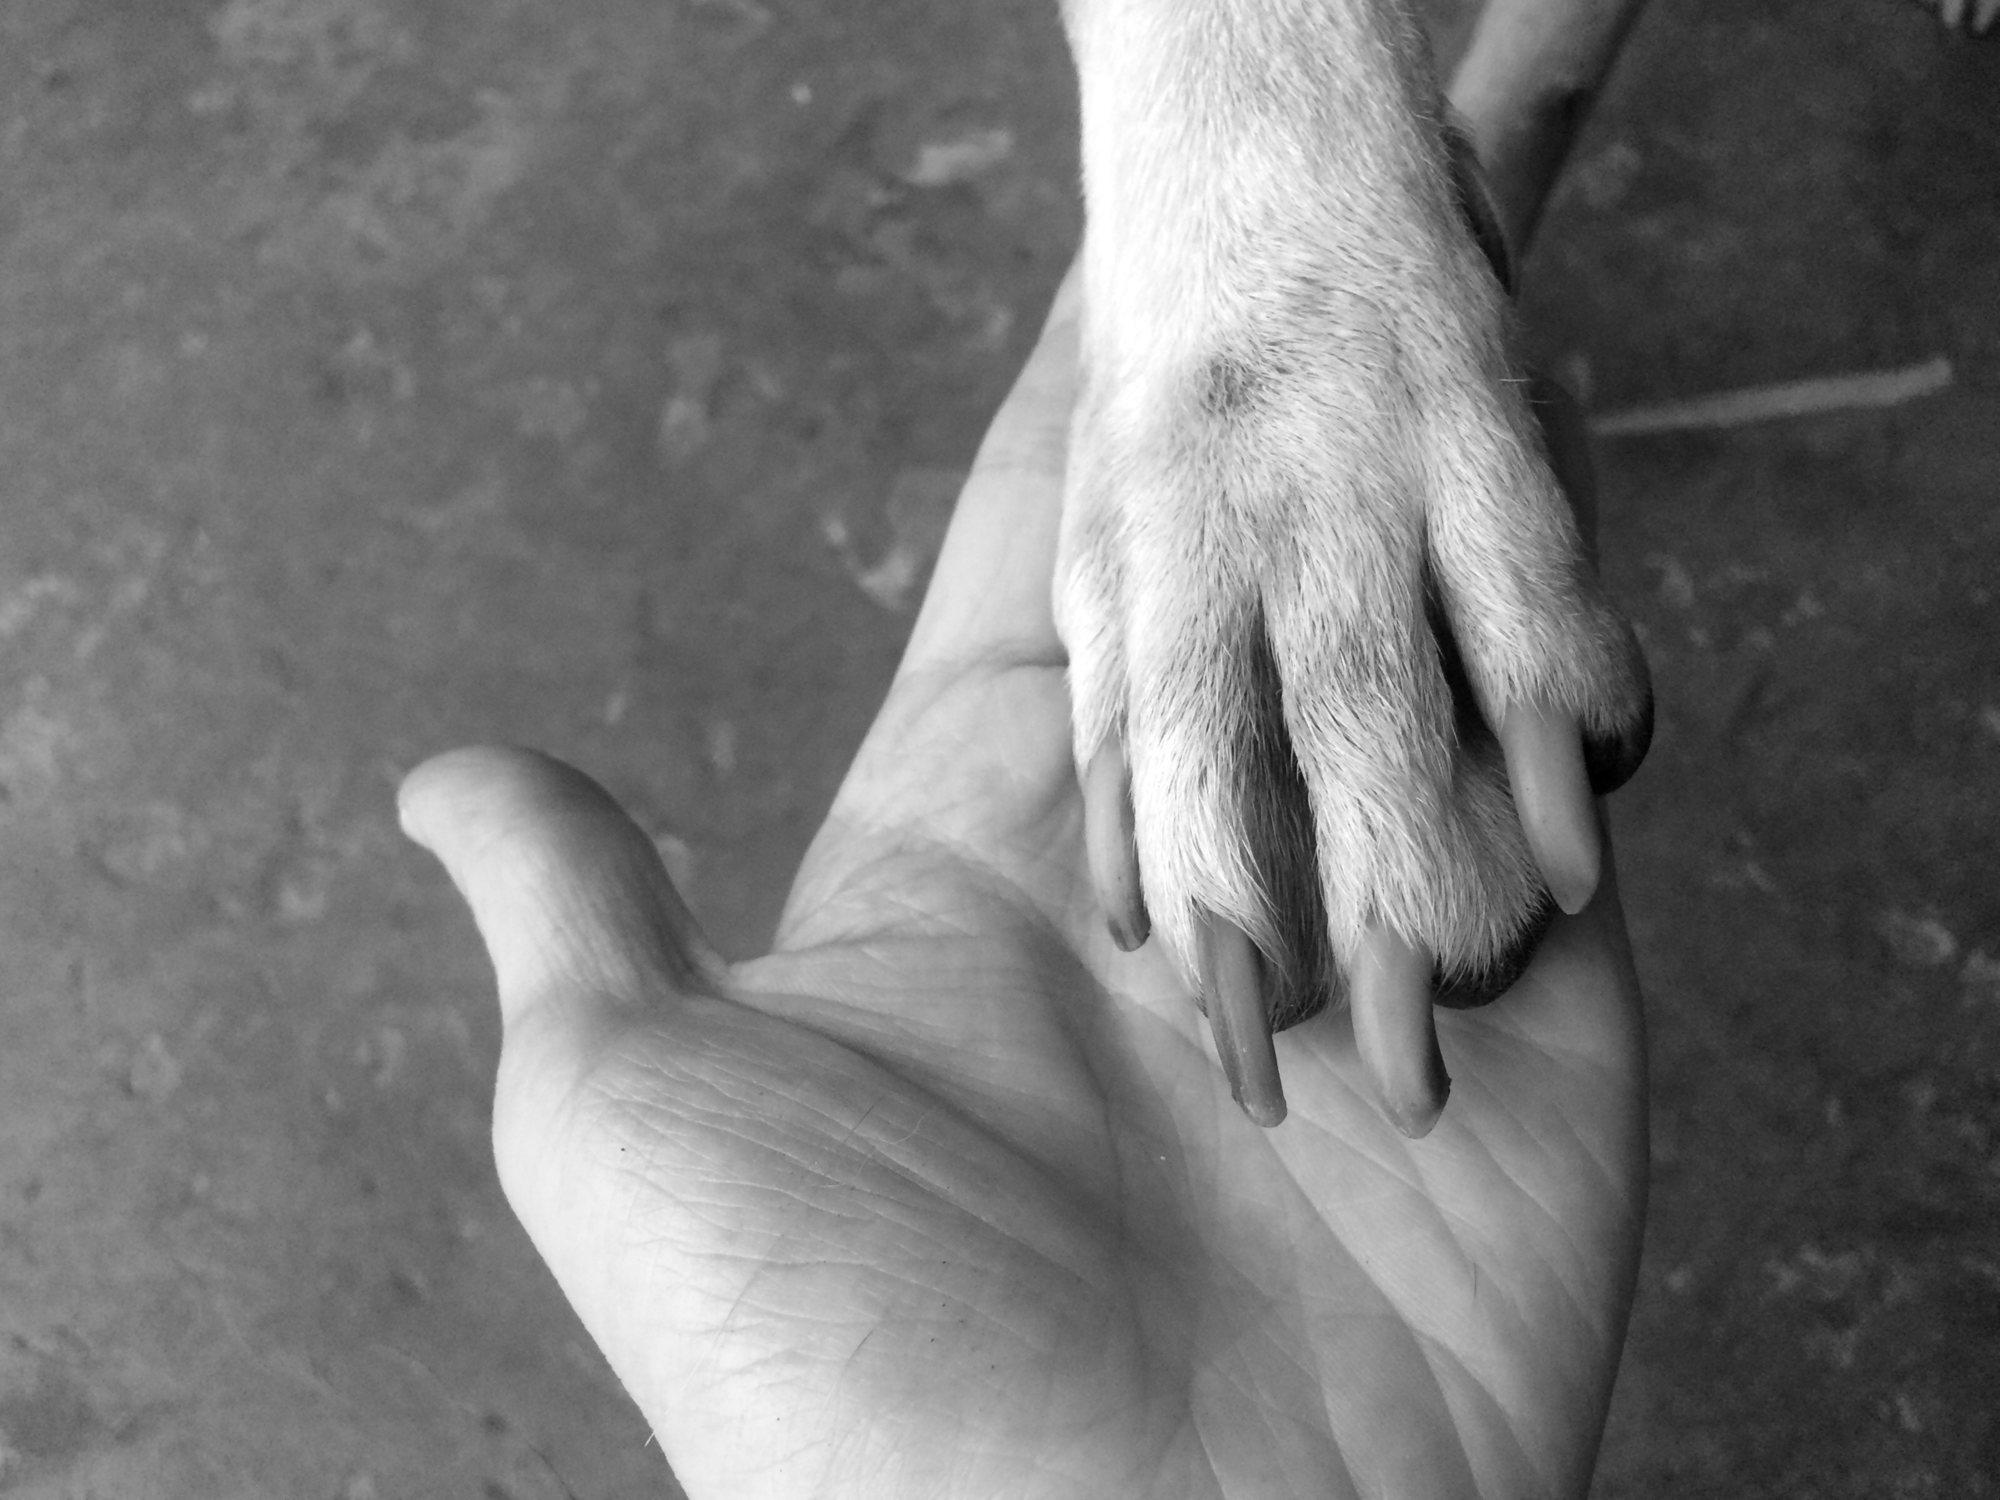 Detenido tras violar y asesinar a golpes a su perra de 8 meses